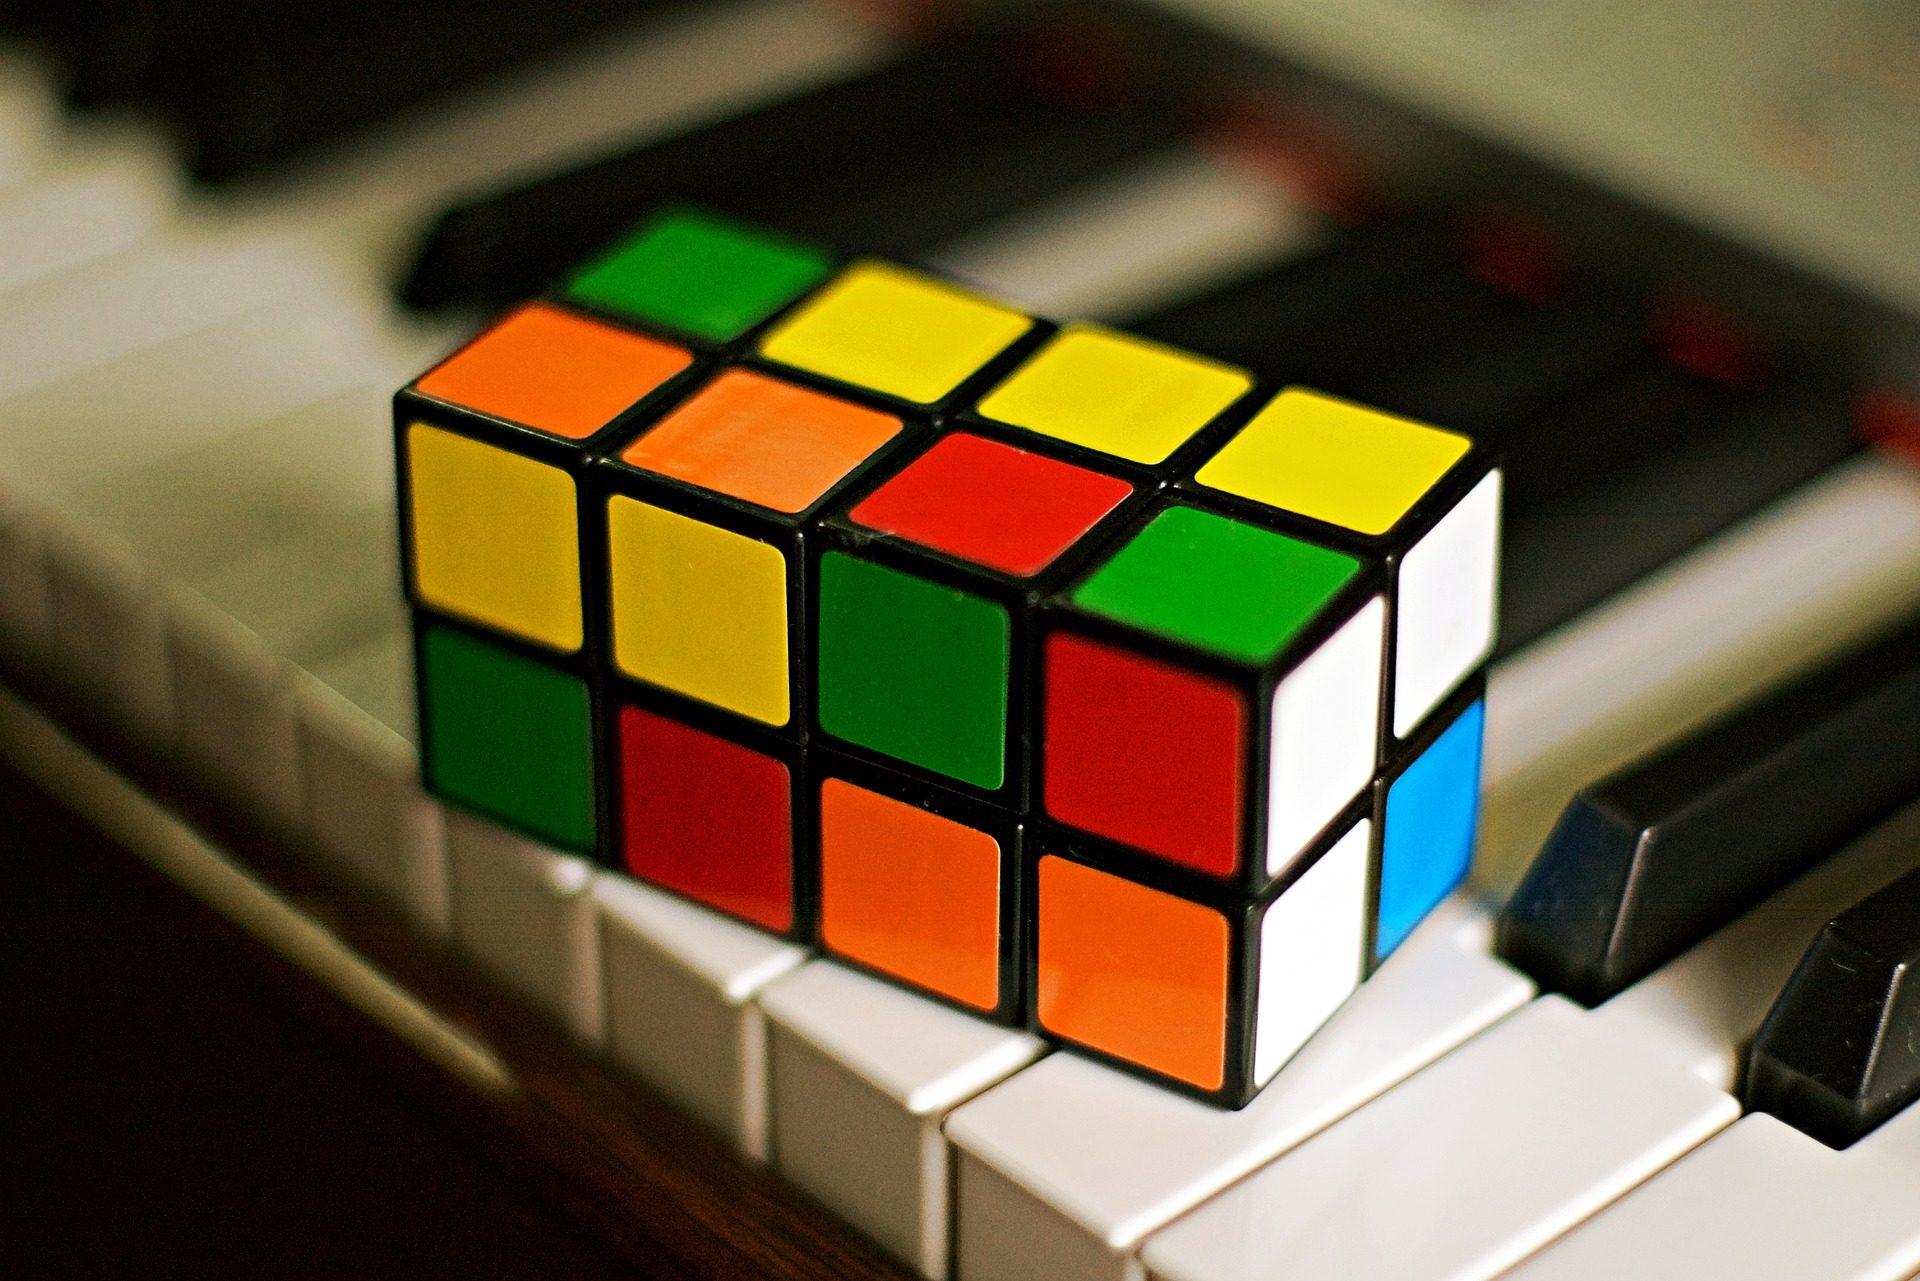 cubo, Cubo di Rubik, chiavi, pianoforte, parti, colori - Sfondi HD - Professor-falken.com